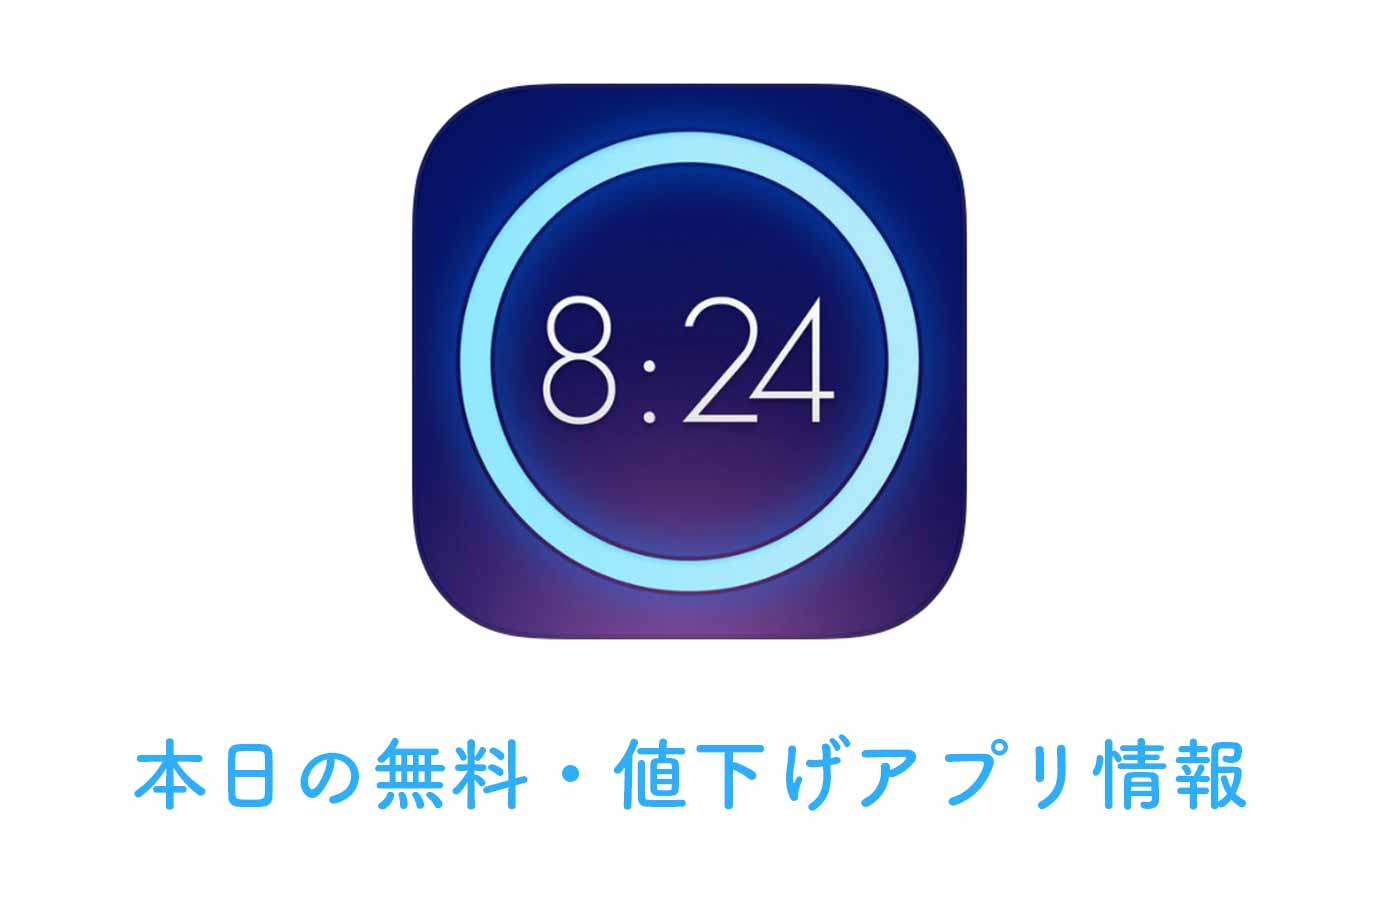 240円→無料!直感的に操作できる多機能なアラームアプリ「Wake Alarm Clock」など【3/24】本日の無料・値下げアプリ情報